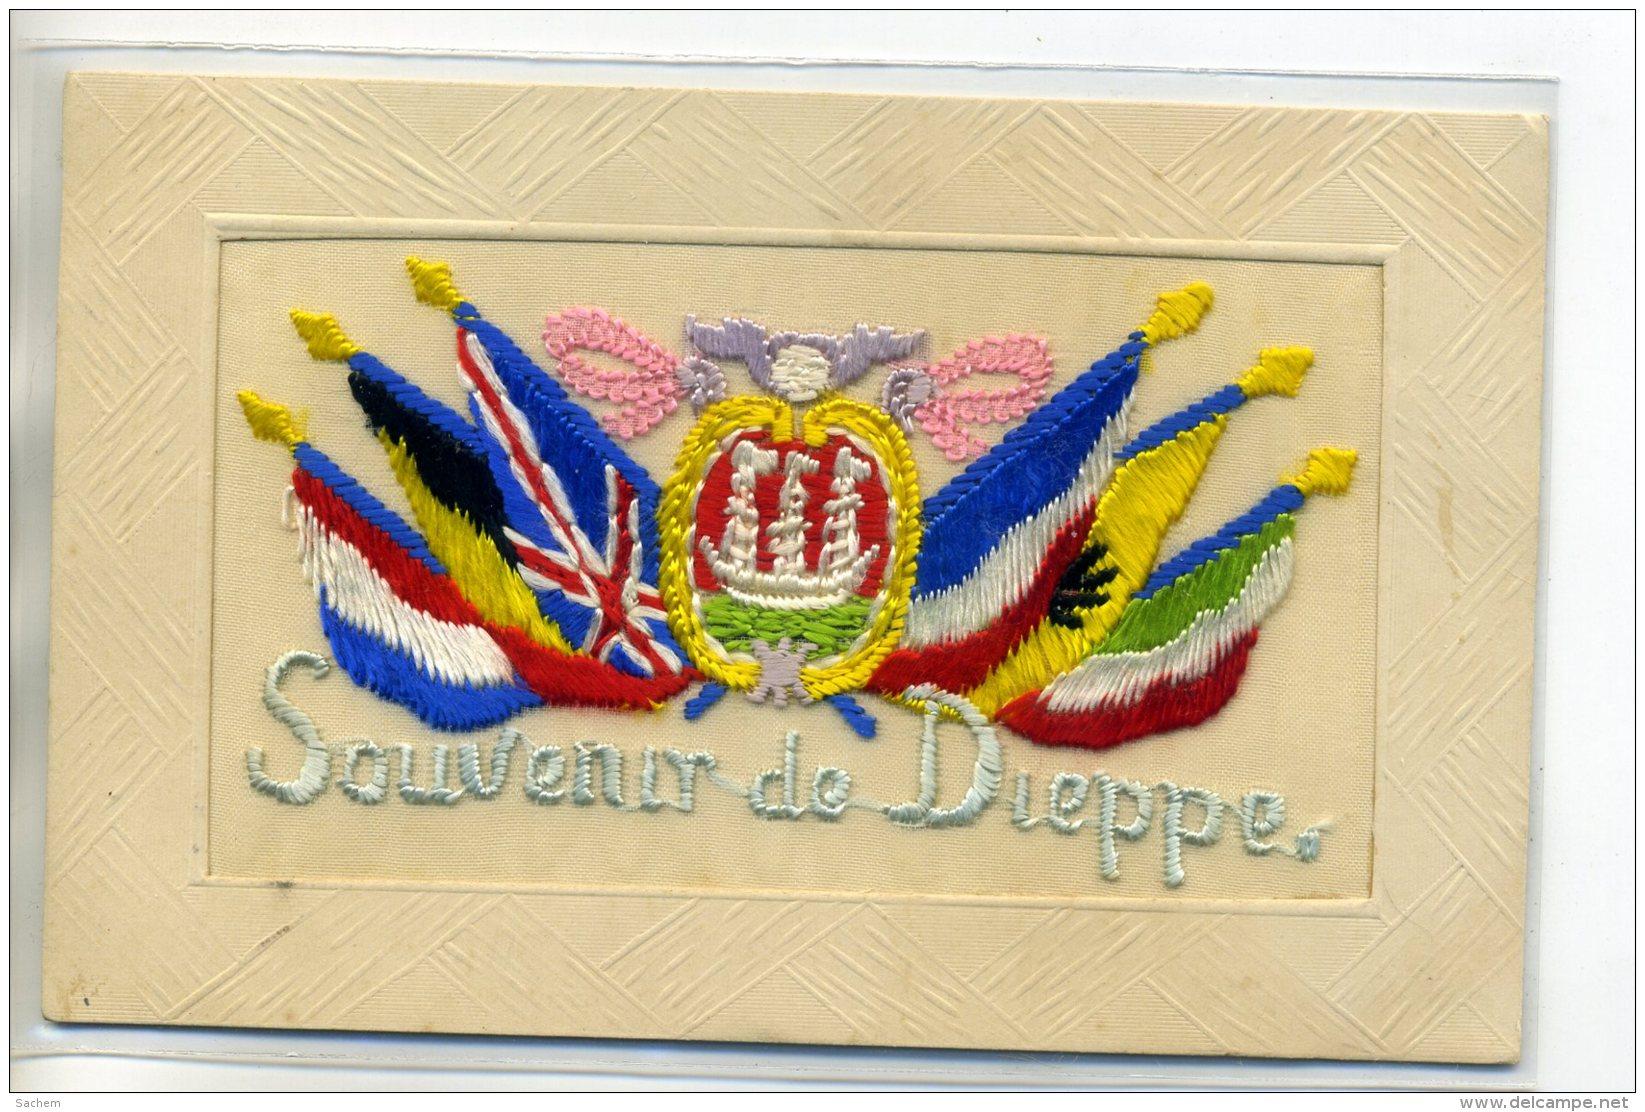 76 DIEPPE Carte BRODEE Militaria Souvenir Armoiries Ville Drapeaux Alliés Guerre 1915 écrite     /D10-S2017 - Dieppe